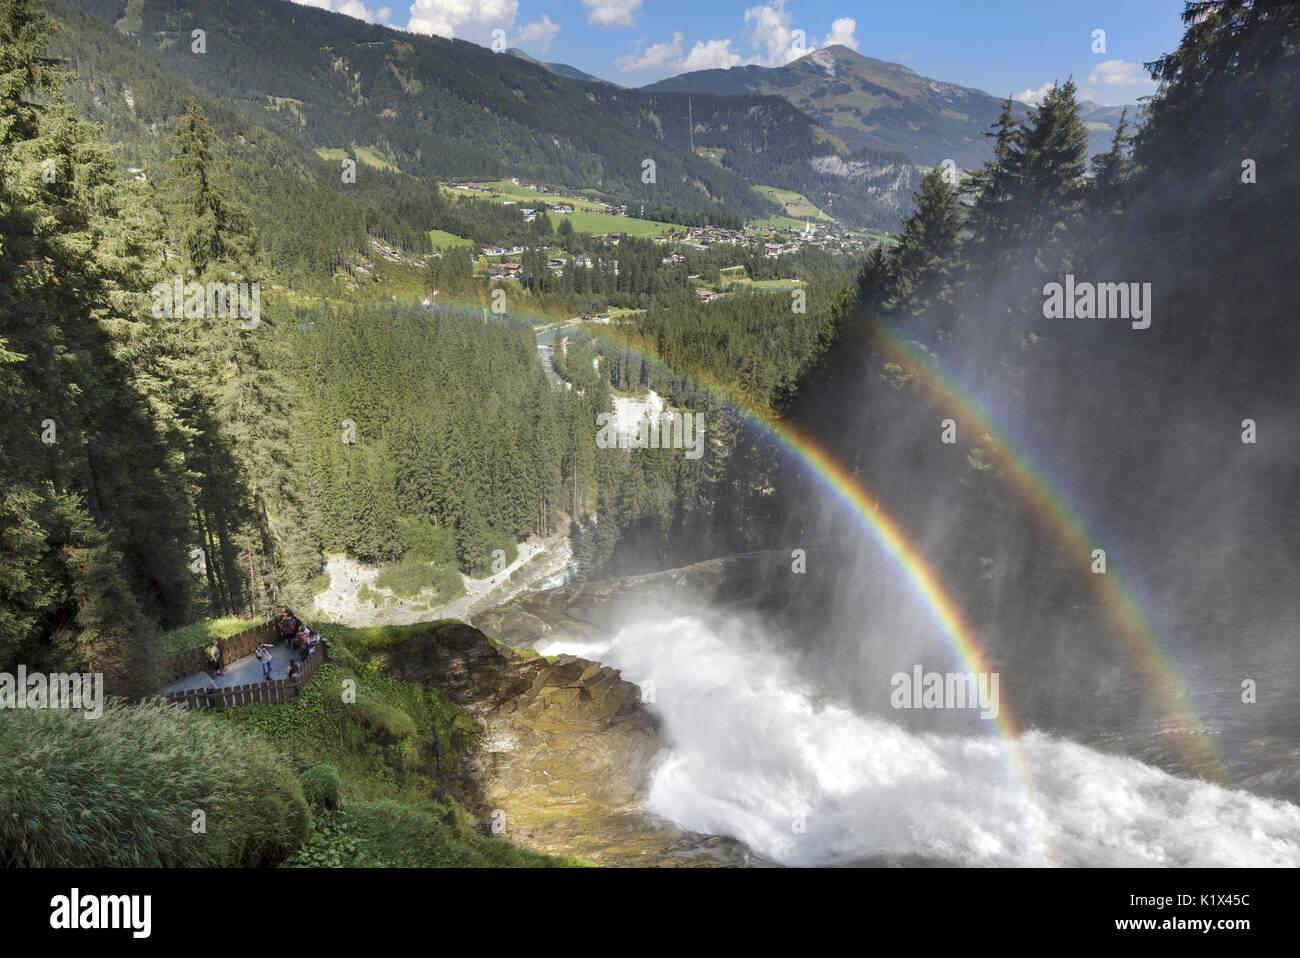 Europa, Österreich, Salzburger Land, Krimml, Nationalpark Hohe Tauern, Regenbogen über den Krimmler Wasserfällen Stockfoto